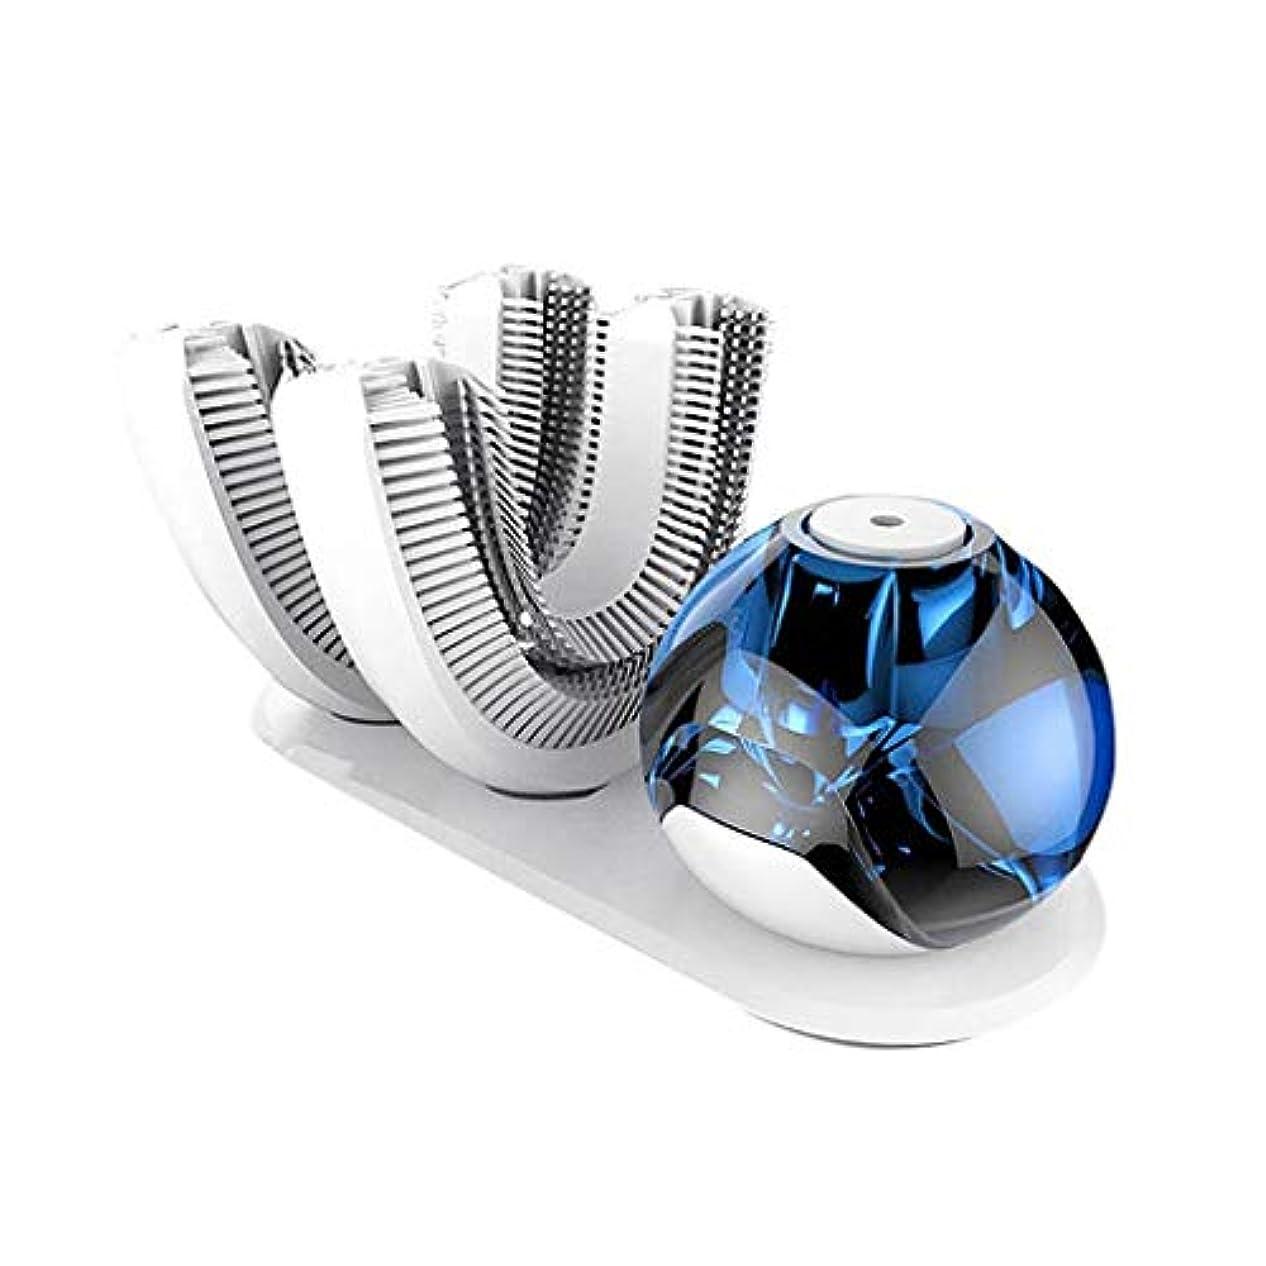 エリートターゲット受取人全自動電気サブブラシ、U型LED歯のホワイトニングアクセラレータ無料あなたの手の自動クリーニングタイミング歯IPX7の防水食品グレードシリコンブラシヘッド